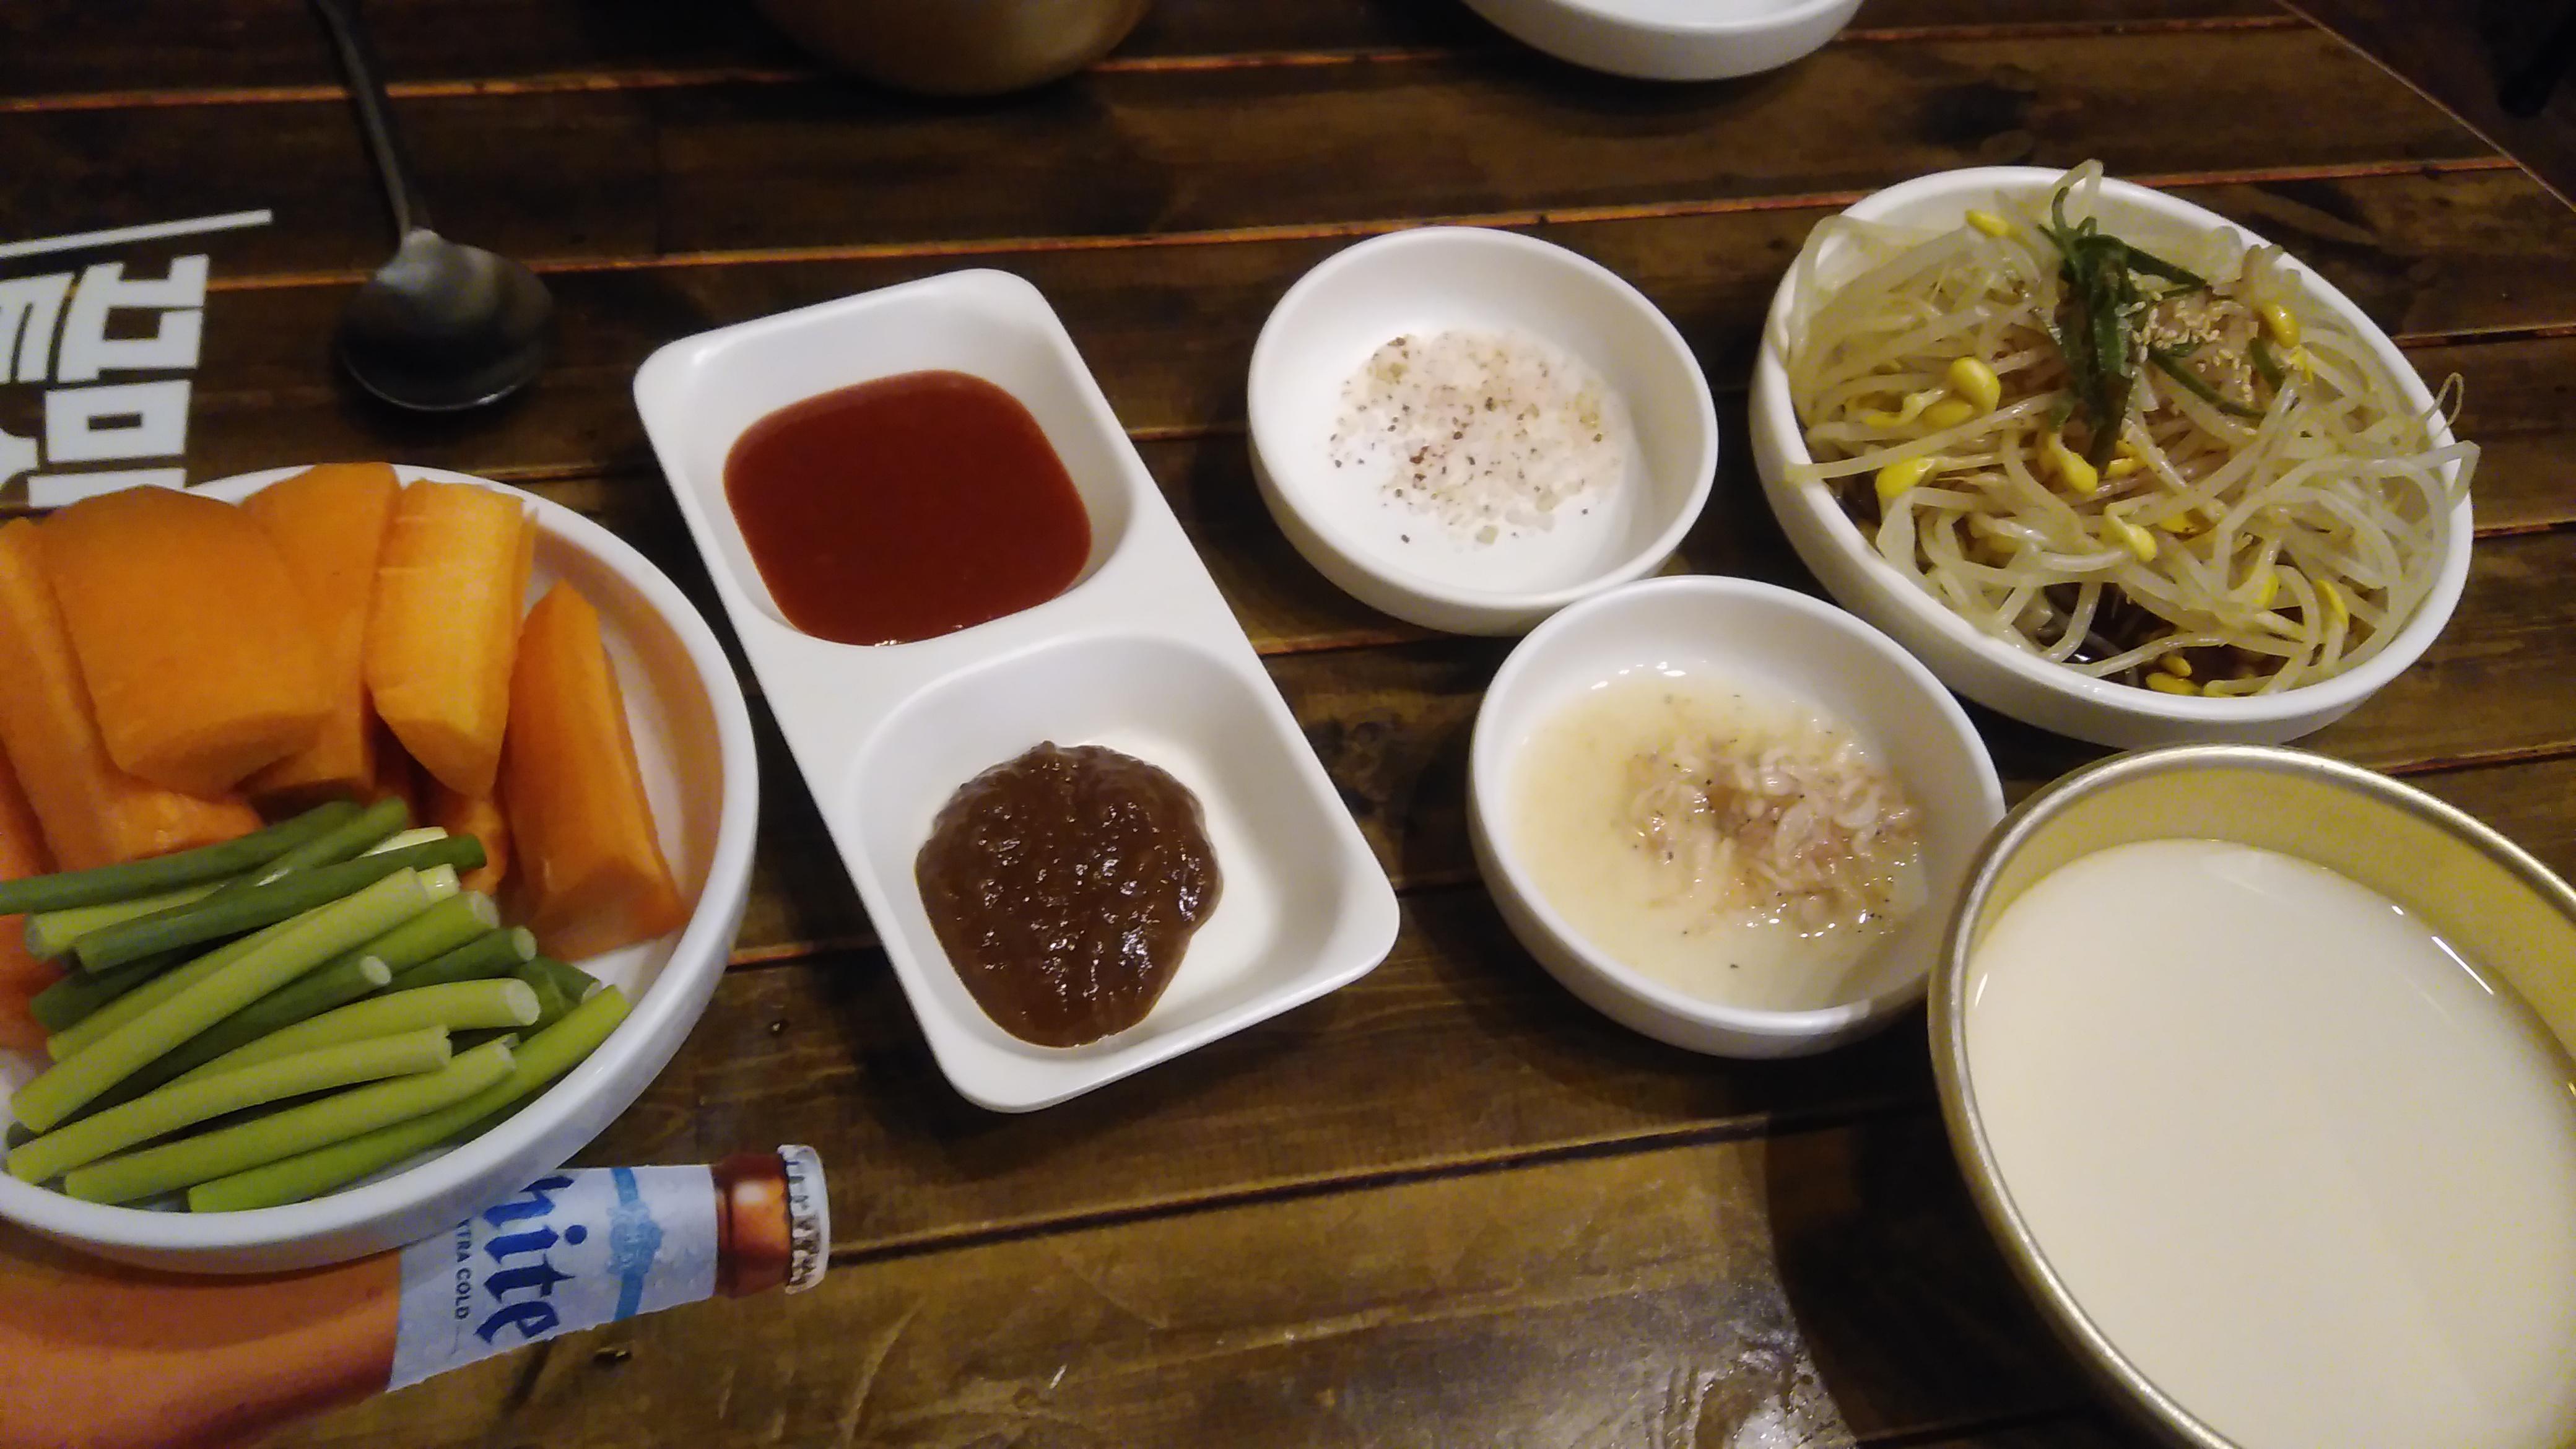 새우젓과 굵은 소금과 콩나물